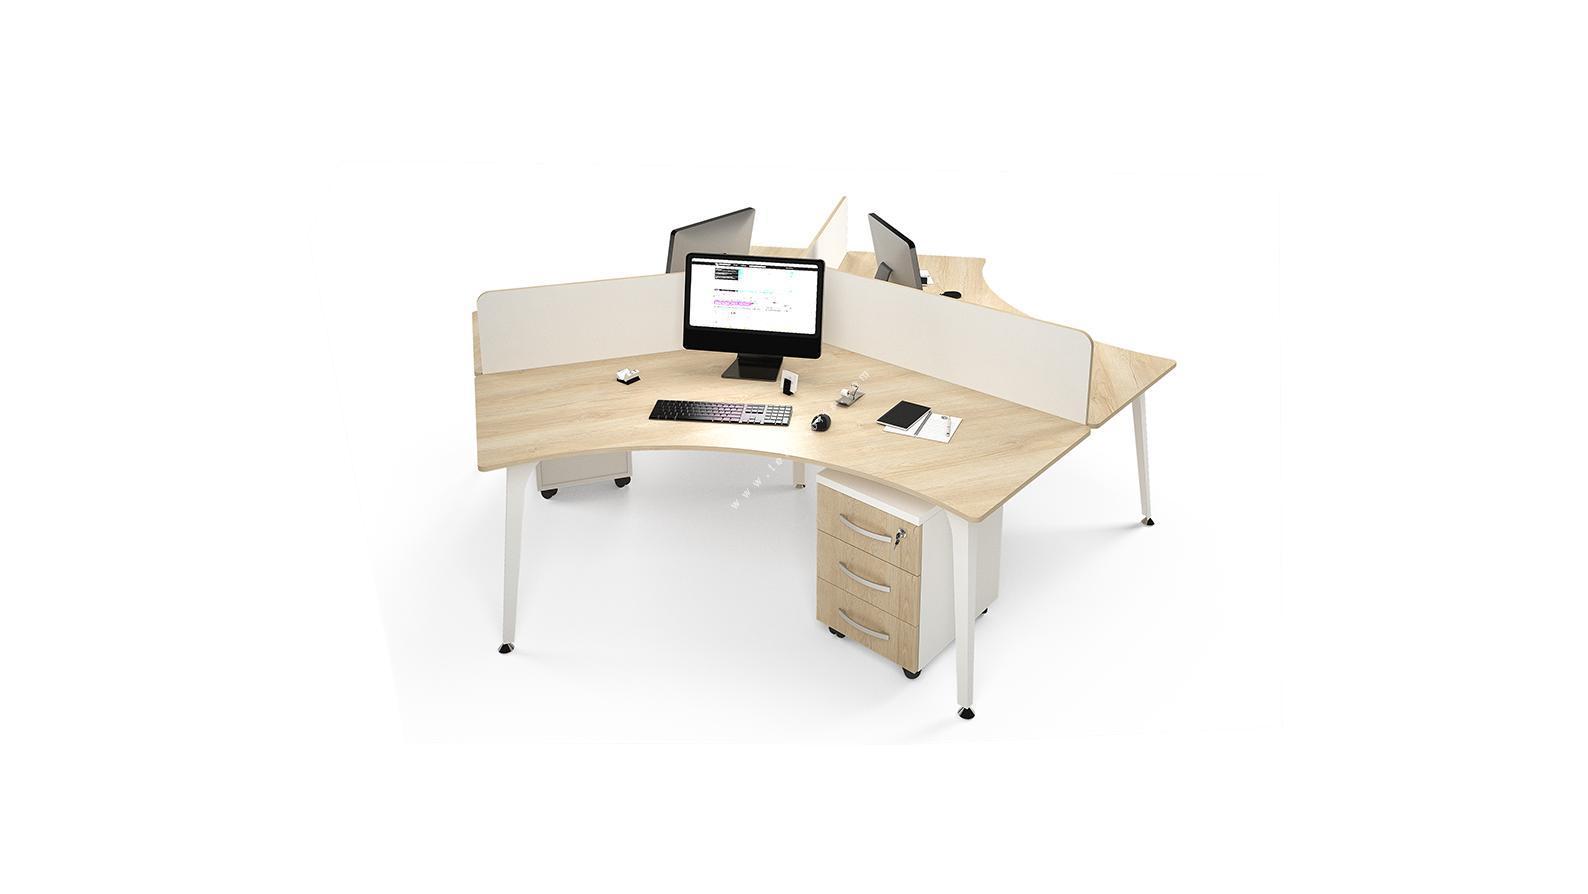 centrawork melamin seperatörlü üçlü çalışma masası